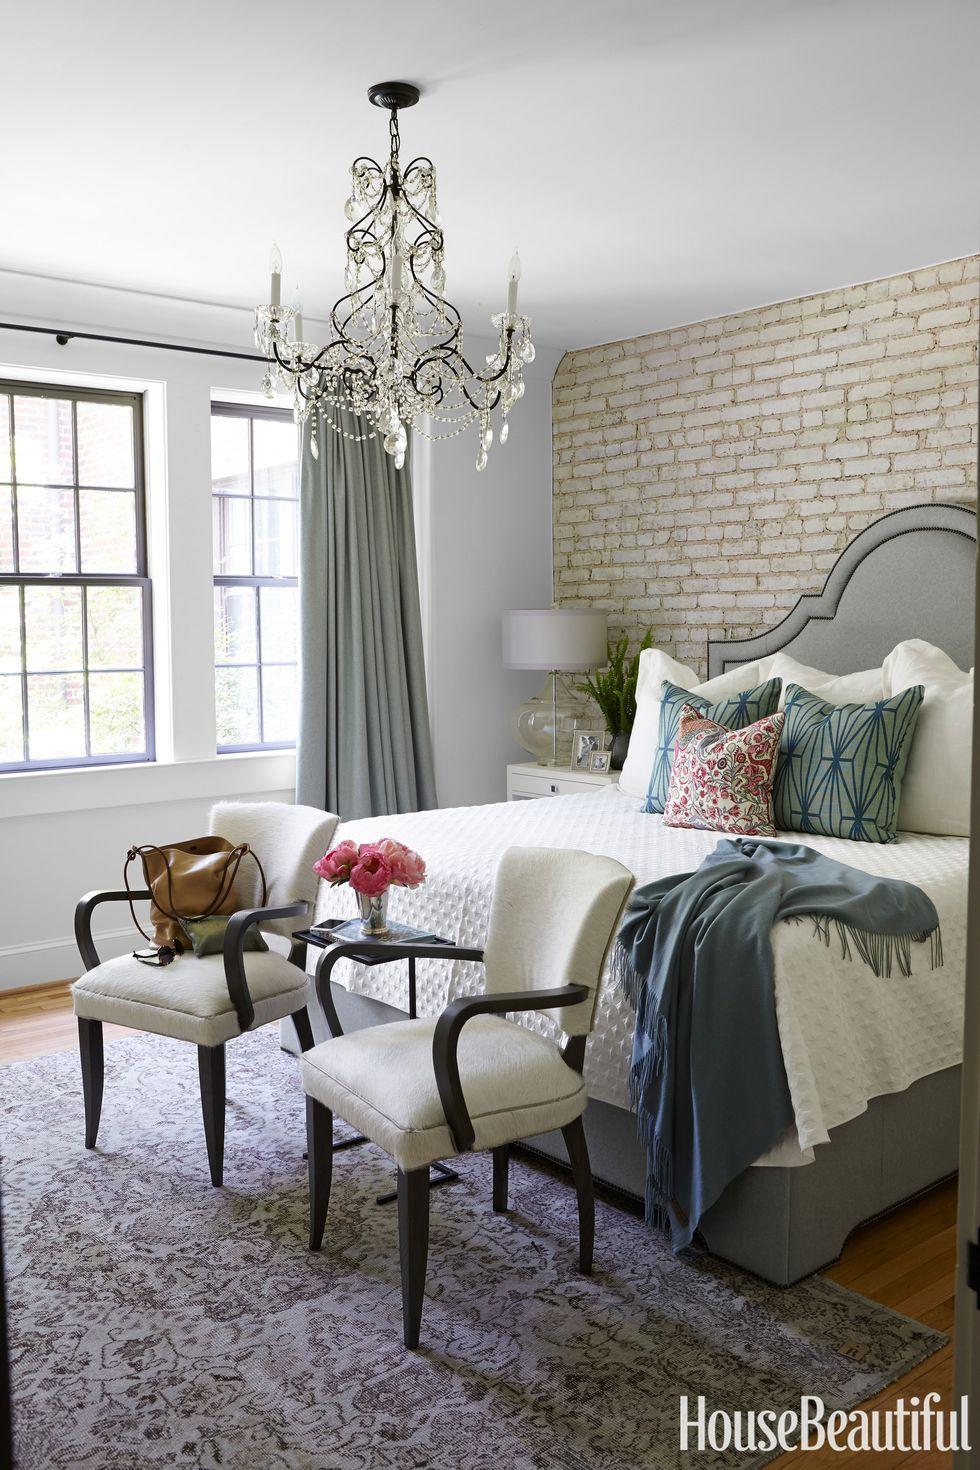 Unique Bedroom Décor Ideas You Haven't Seen Before